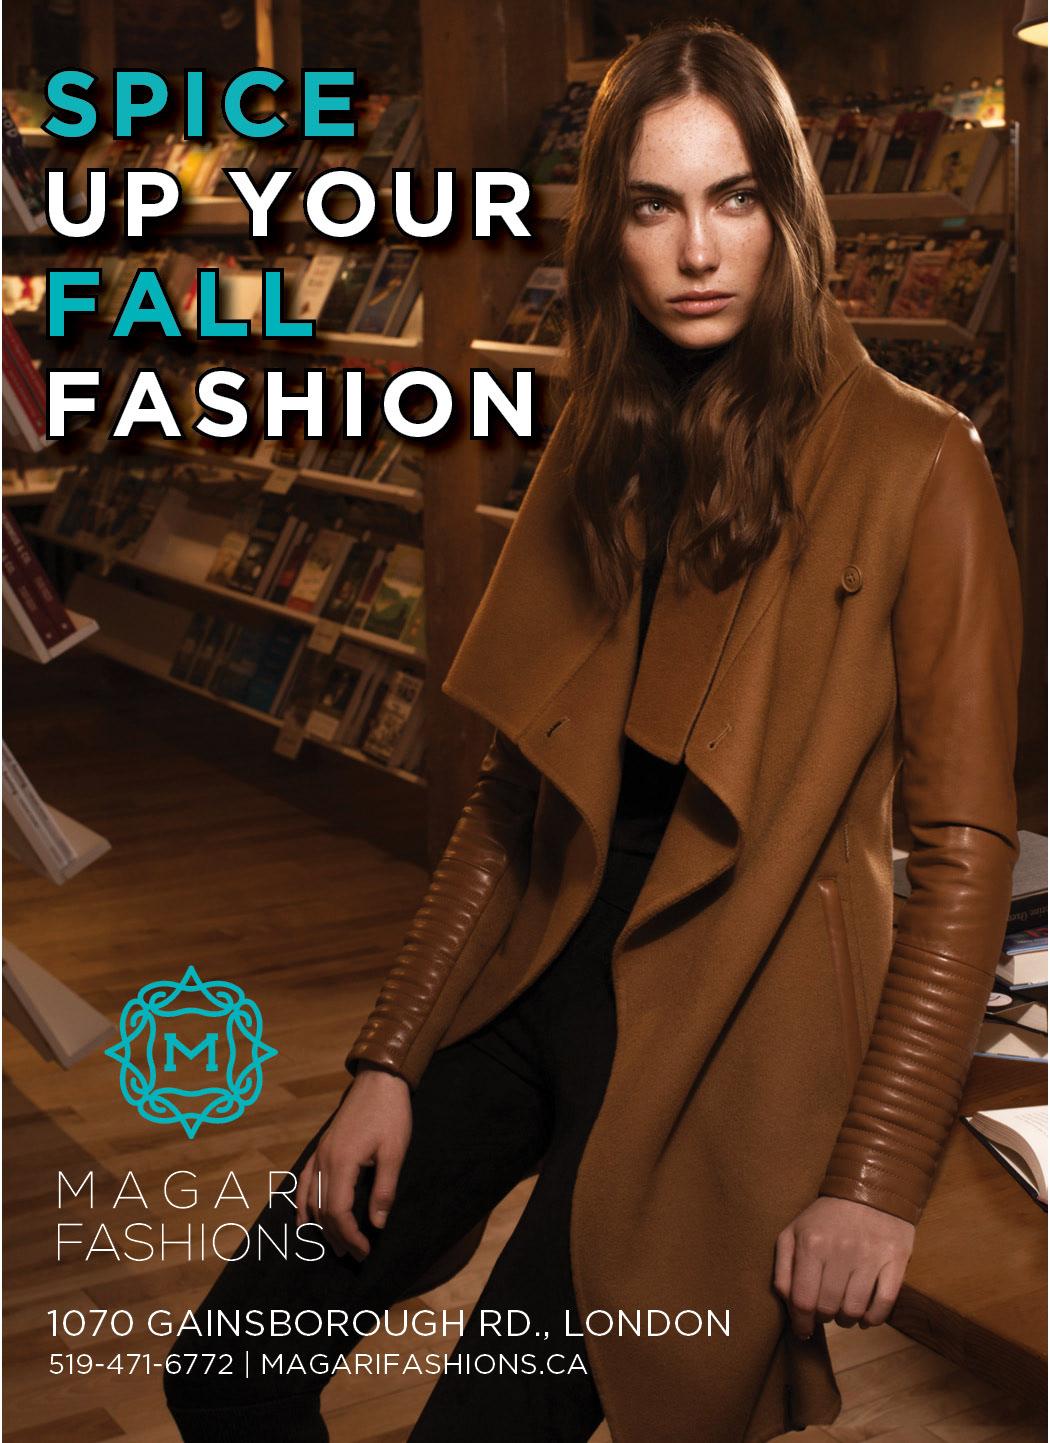 Nicole LaFlair - Magari Fashion Ads